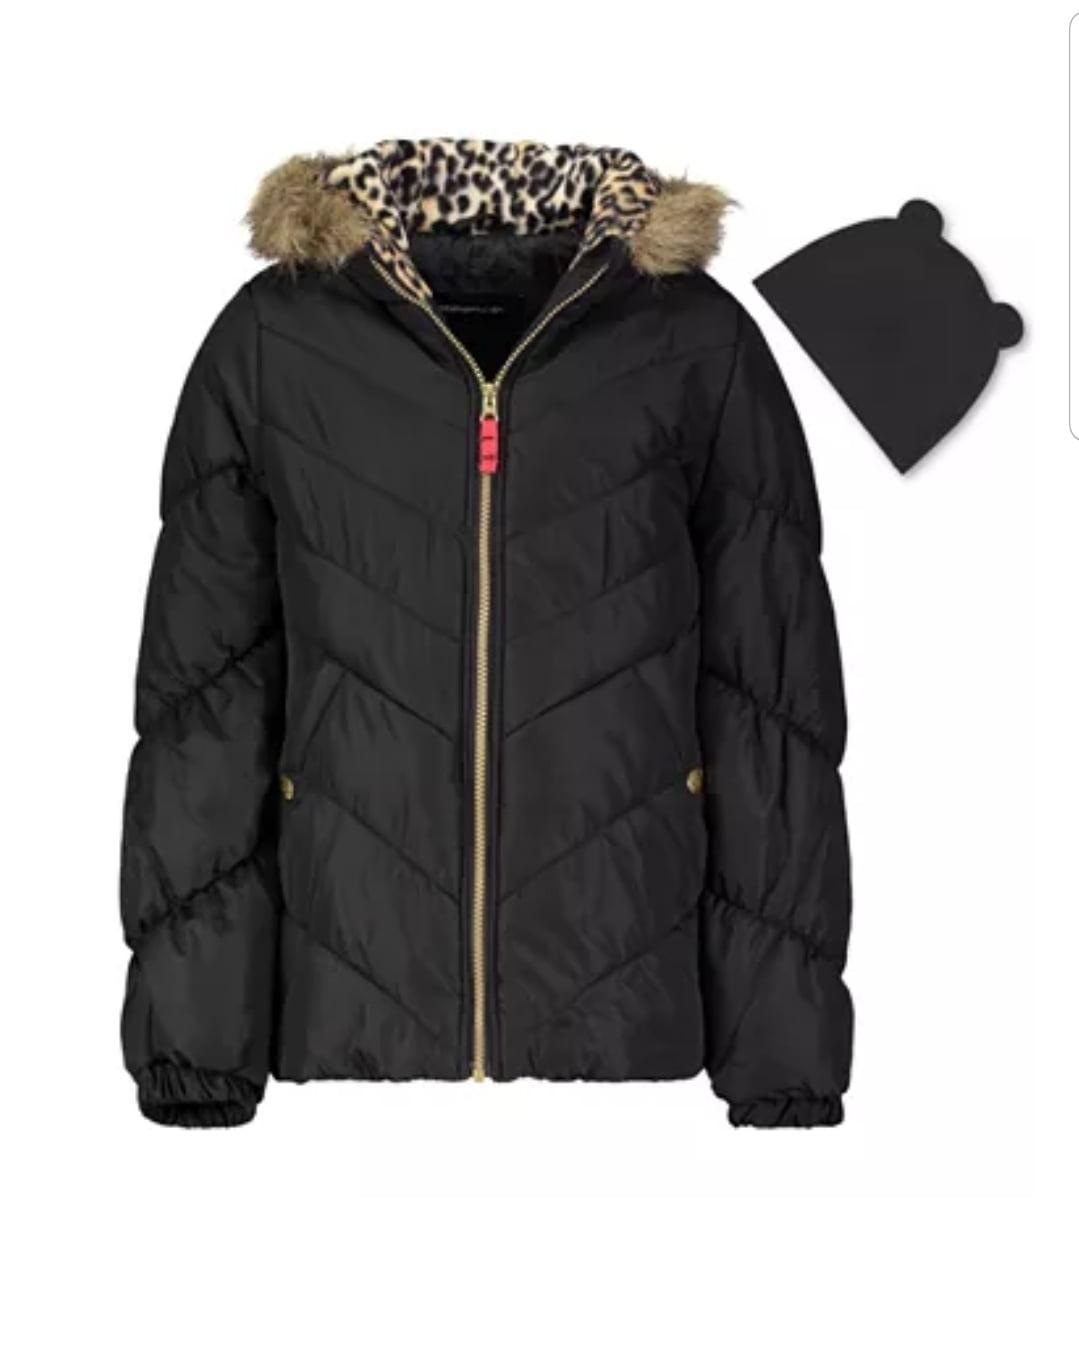 Girls Hooded Puffer Coats $17.59; NOT $85